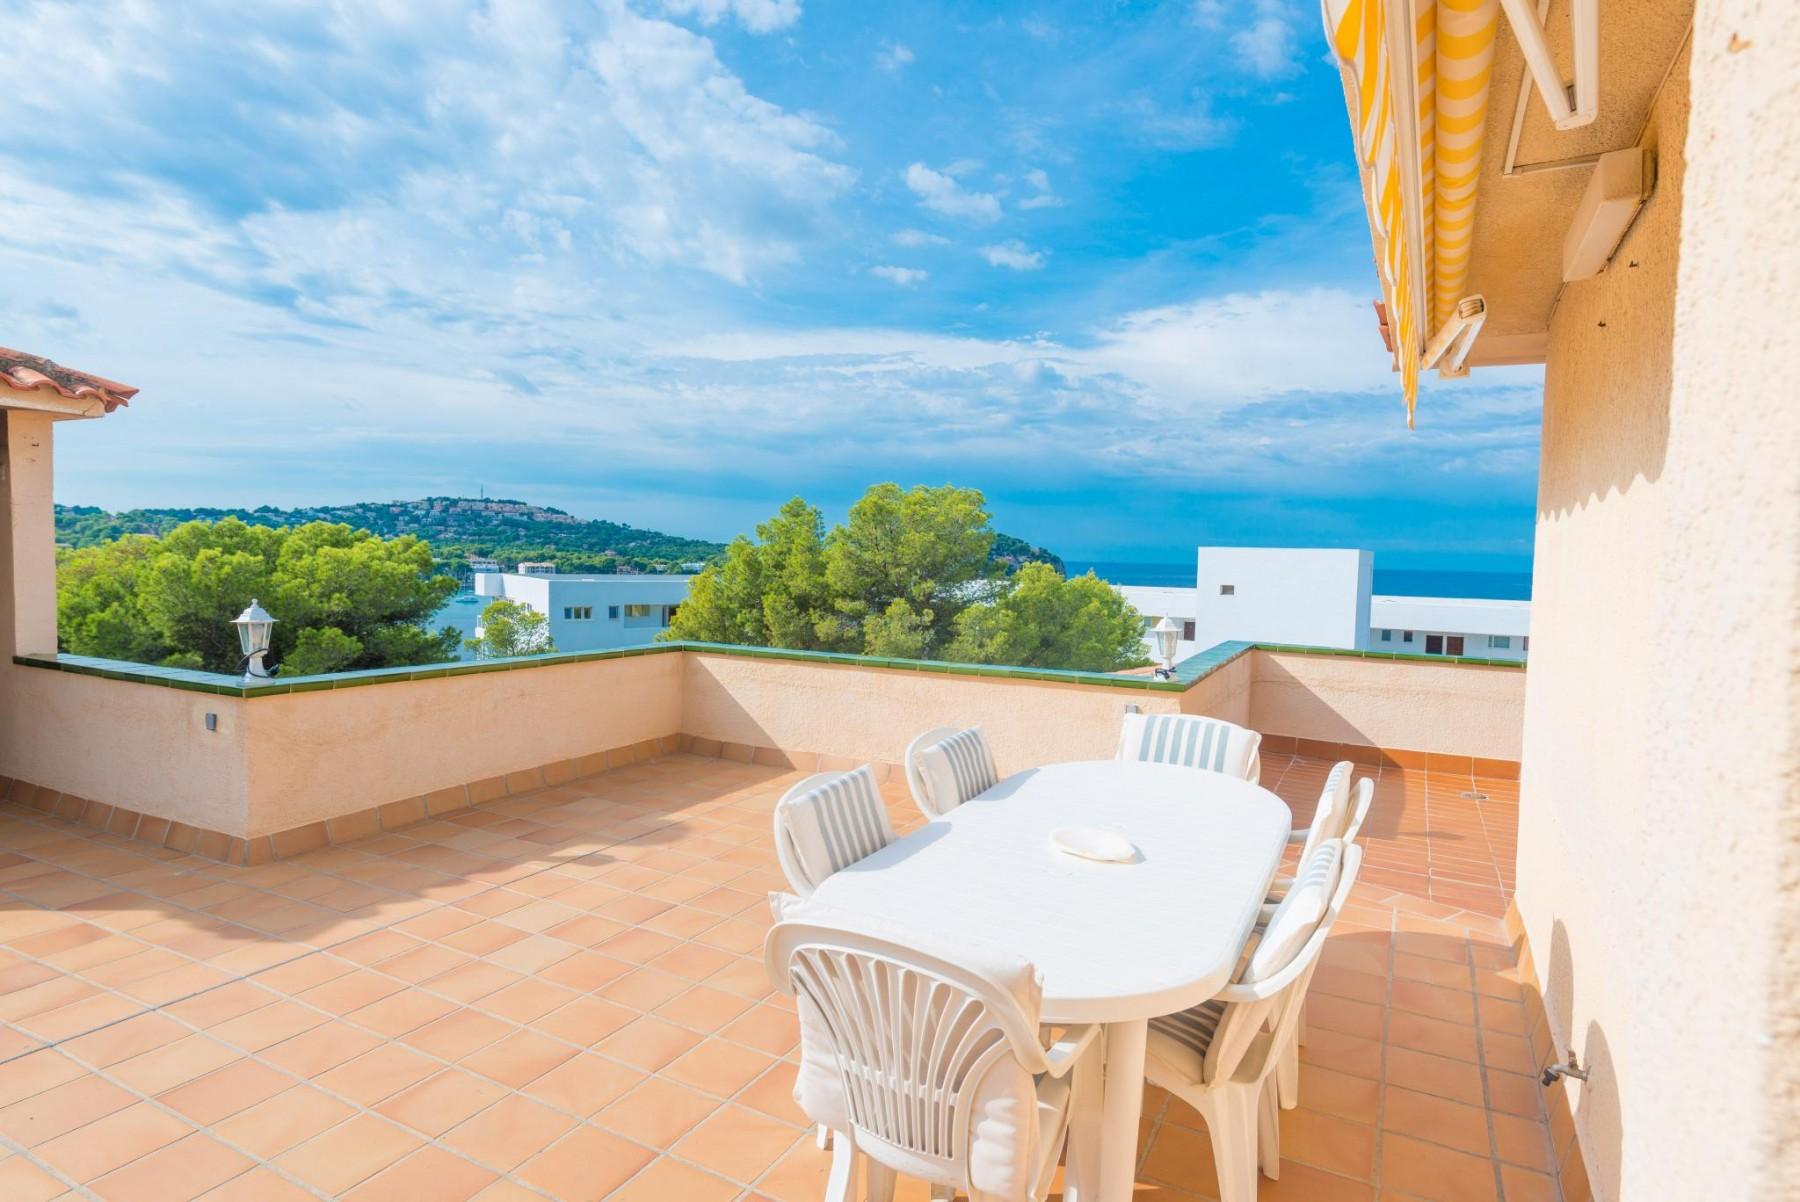 FORTAMARO for 6 guests in Calvia, Spanien